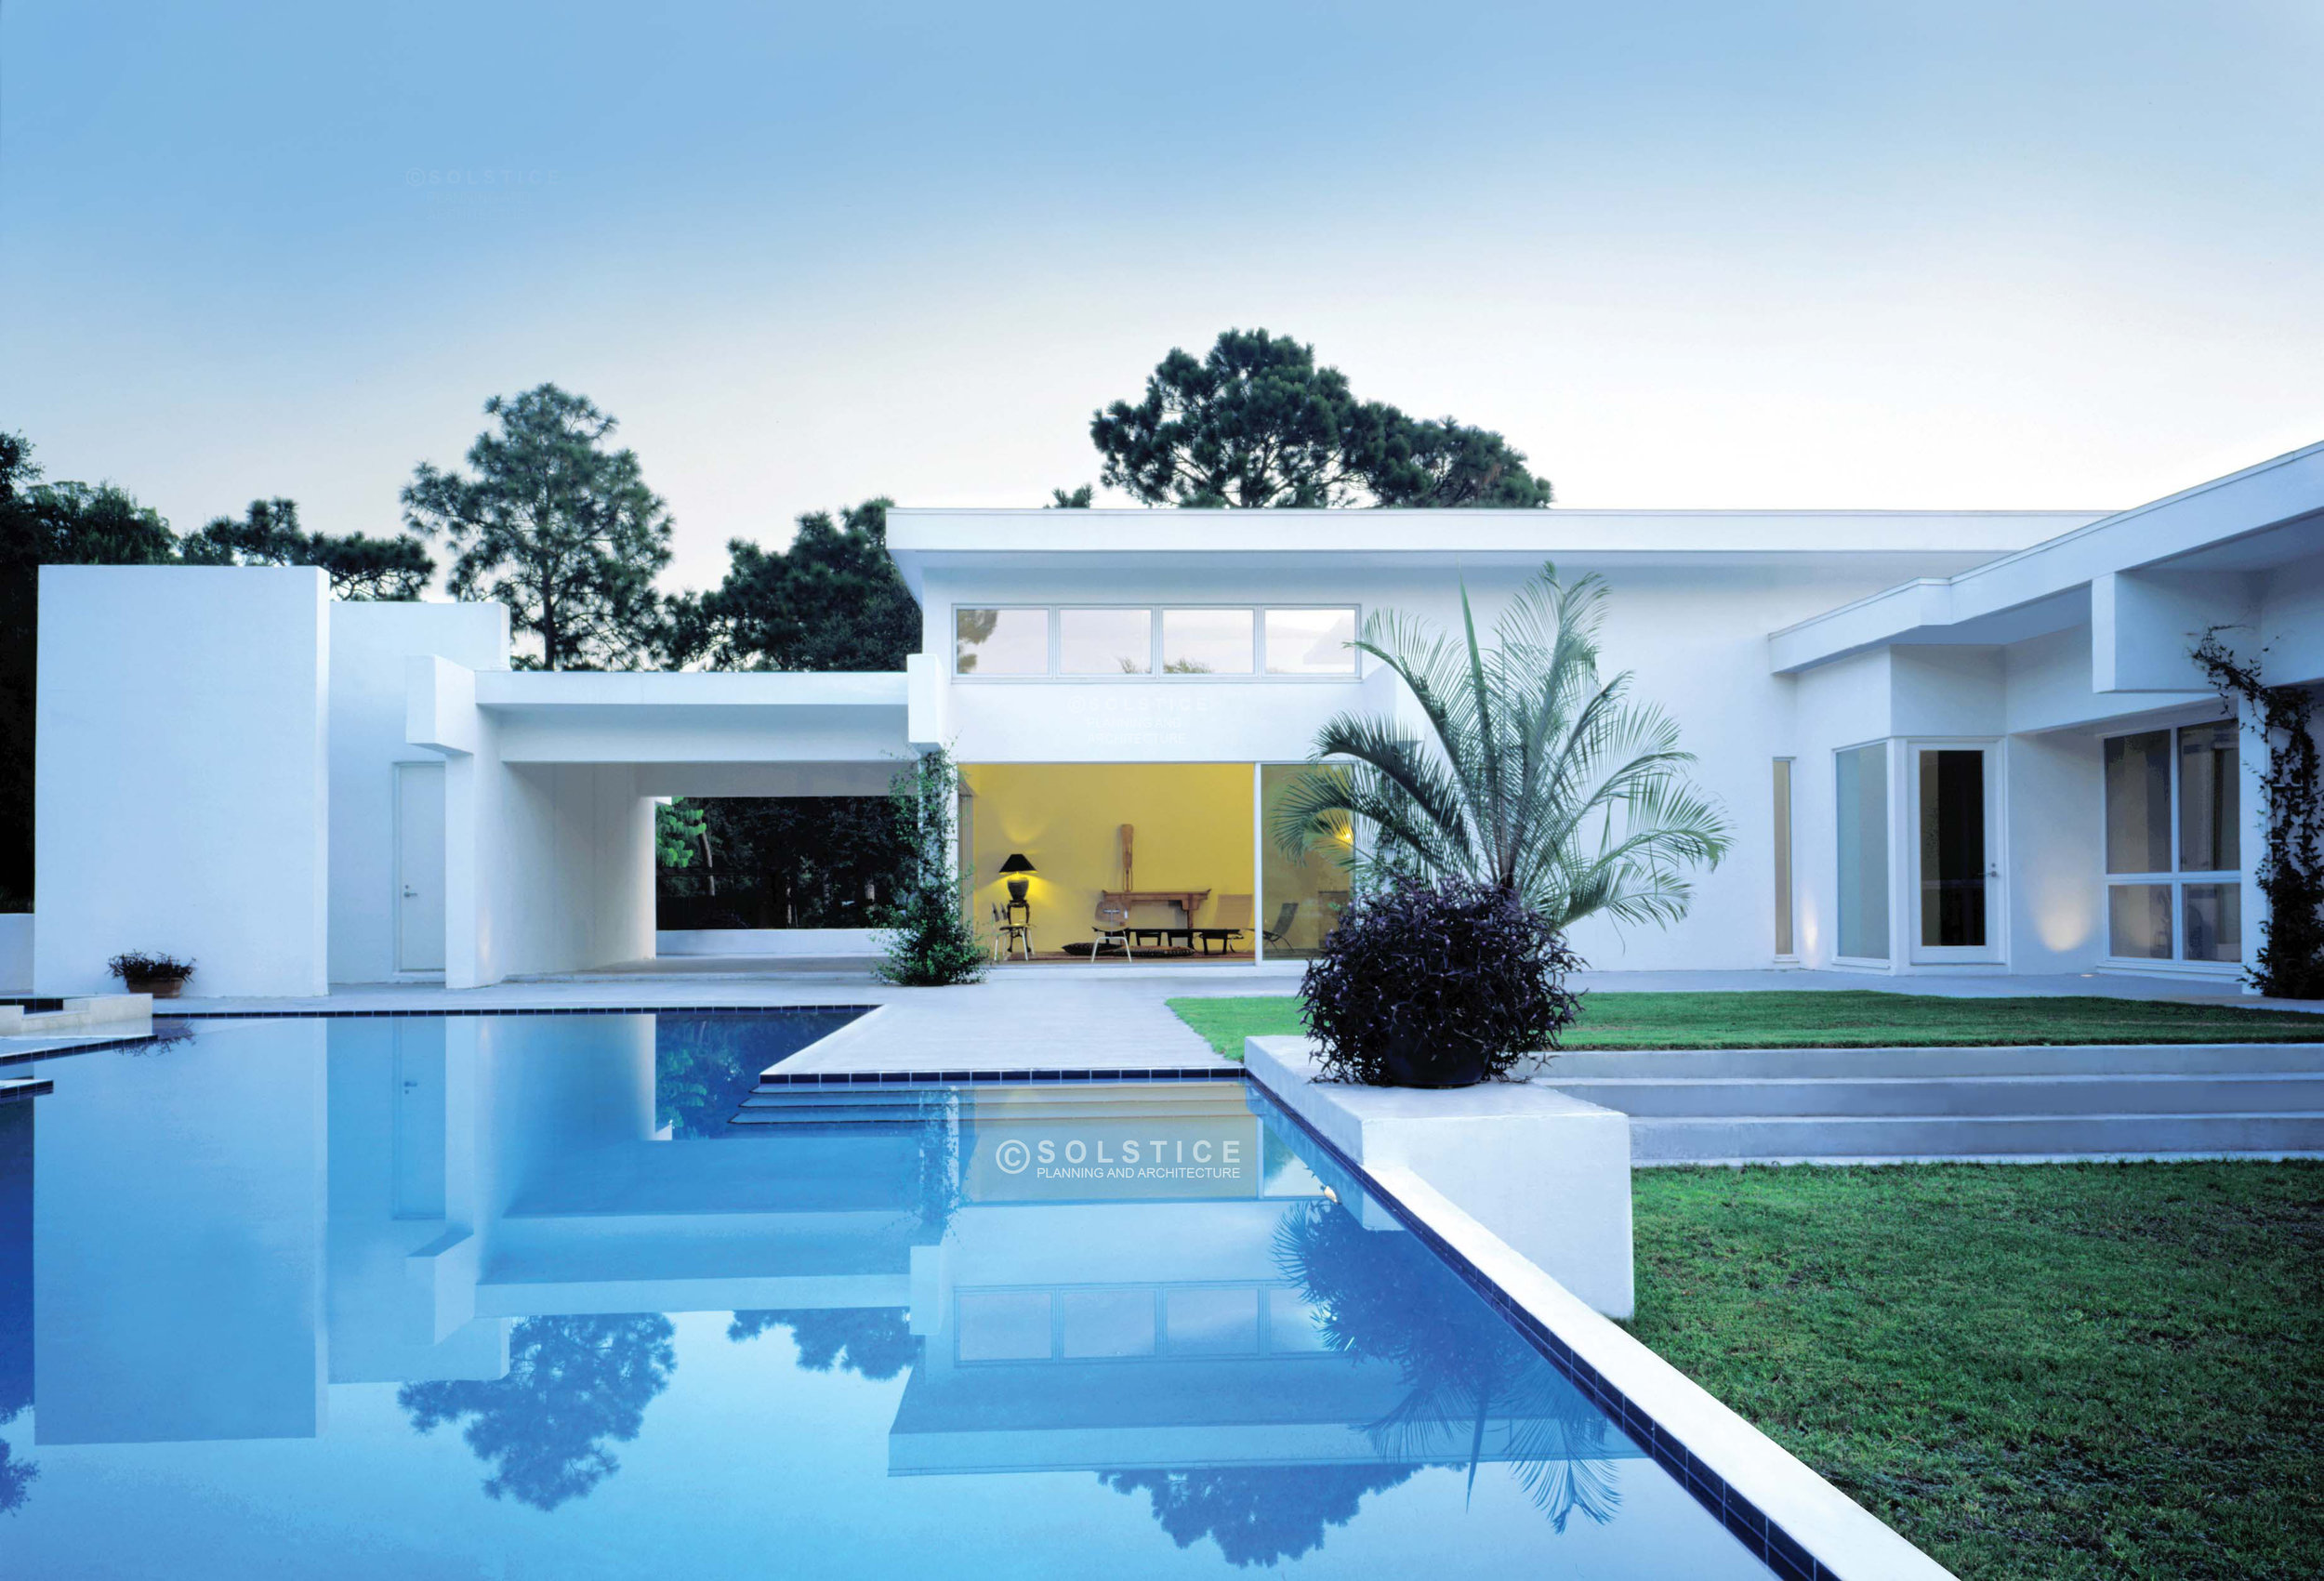 SOLSTICE+Noel+Residence+01+watermark.jpg